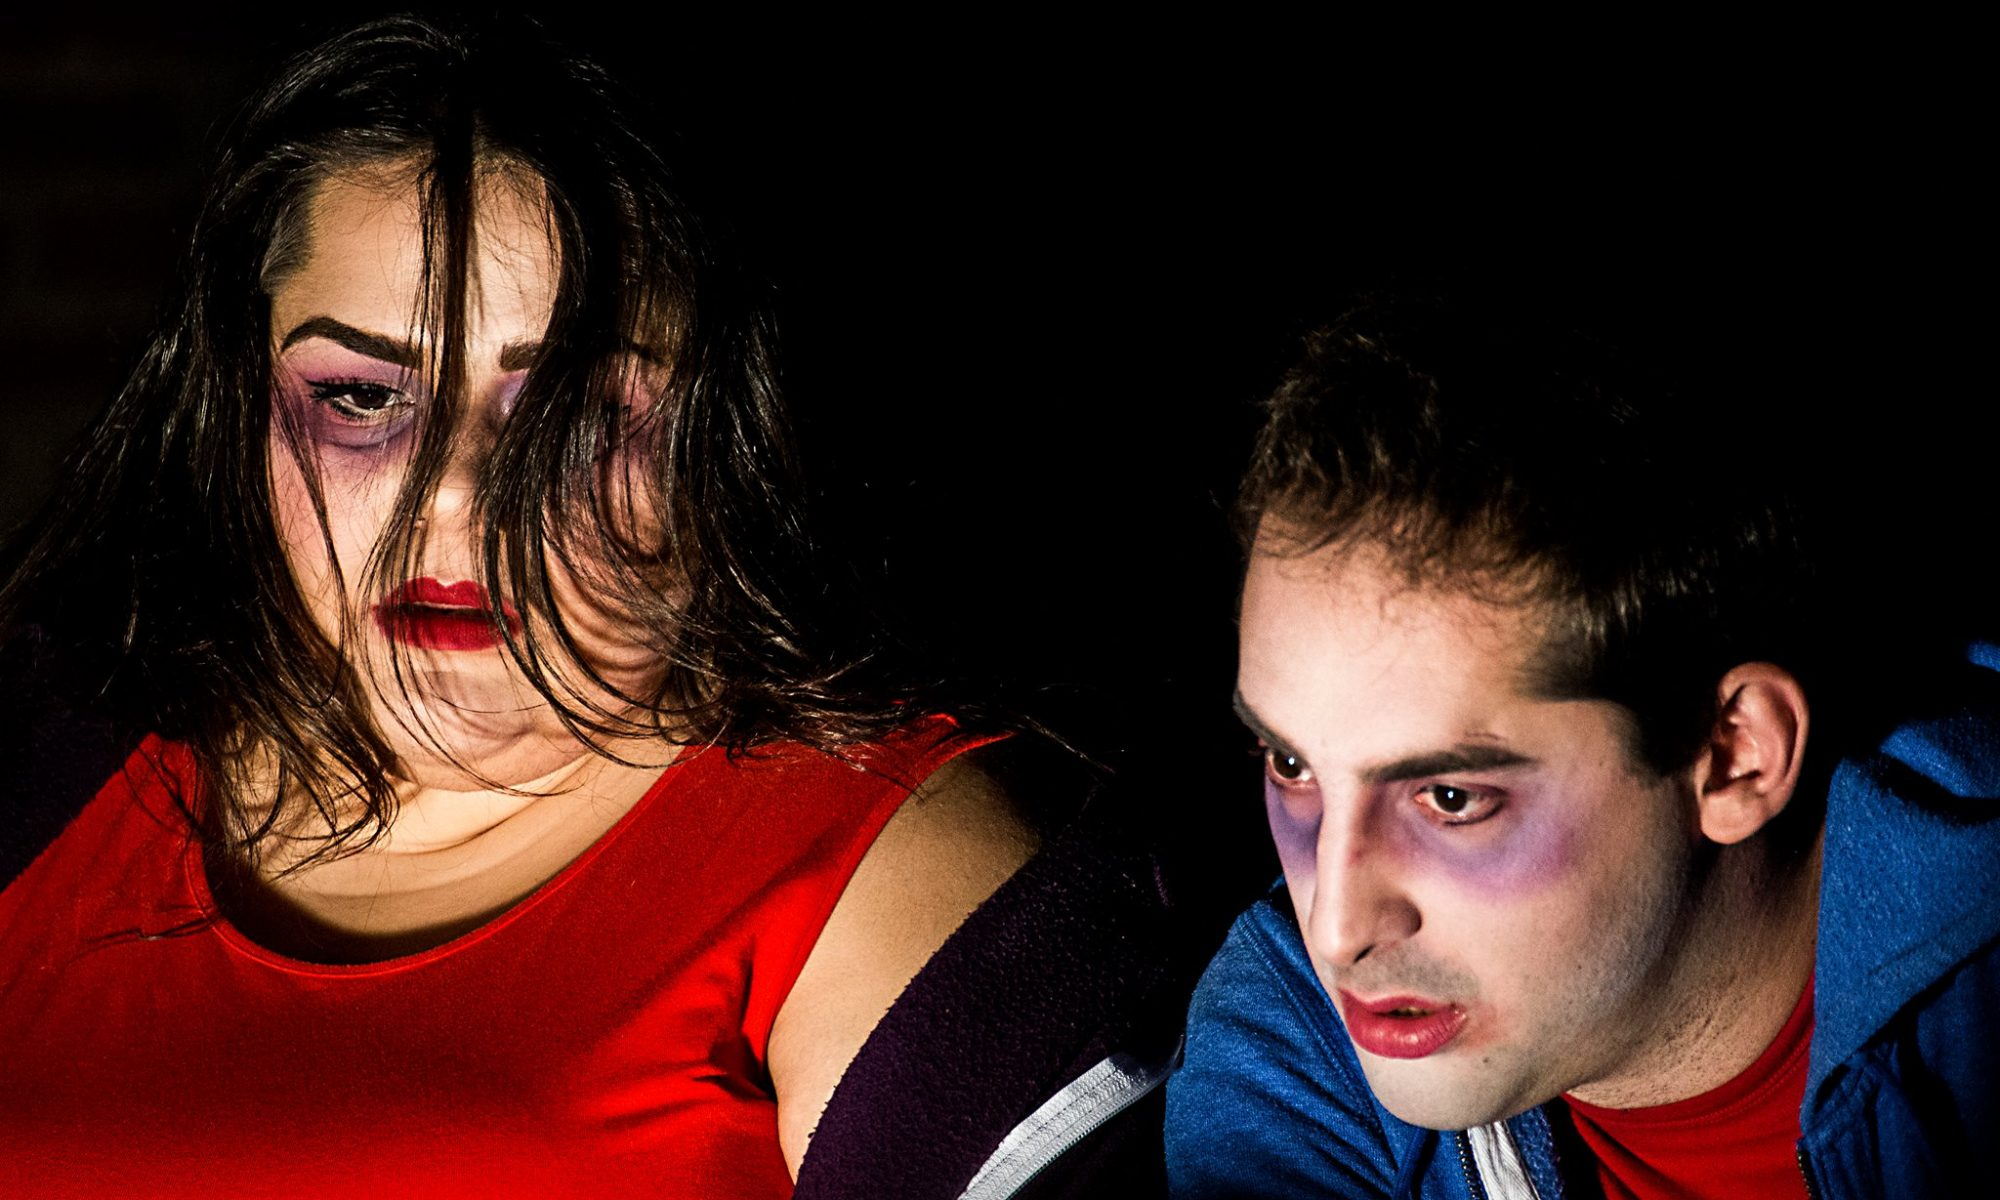 Claudia Marsicano e Francesco Alberici in Socialmente